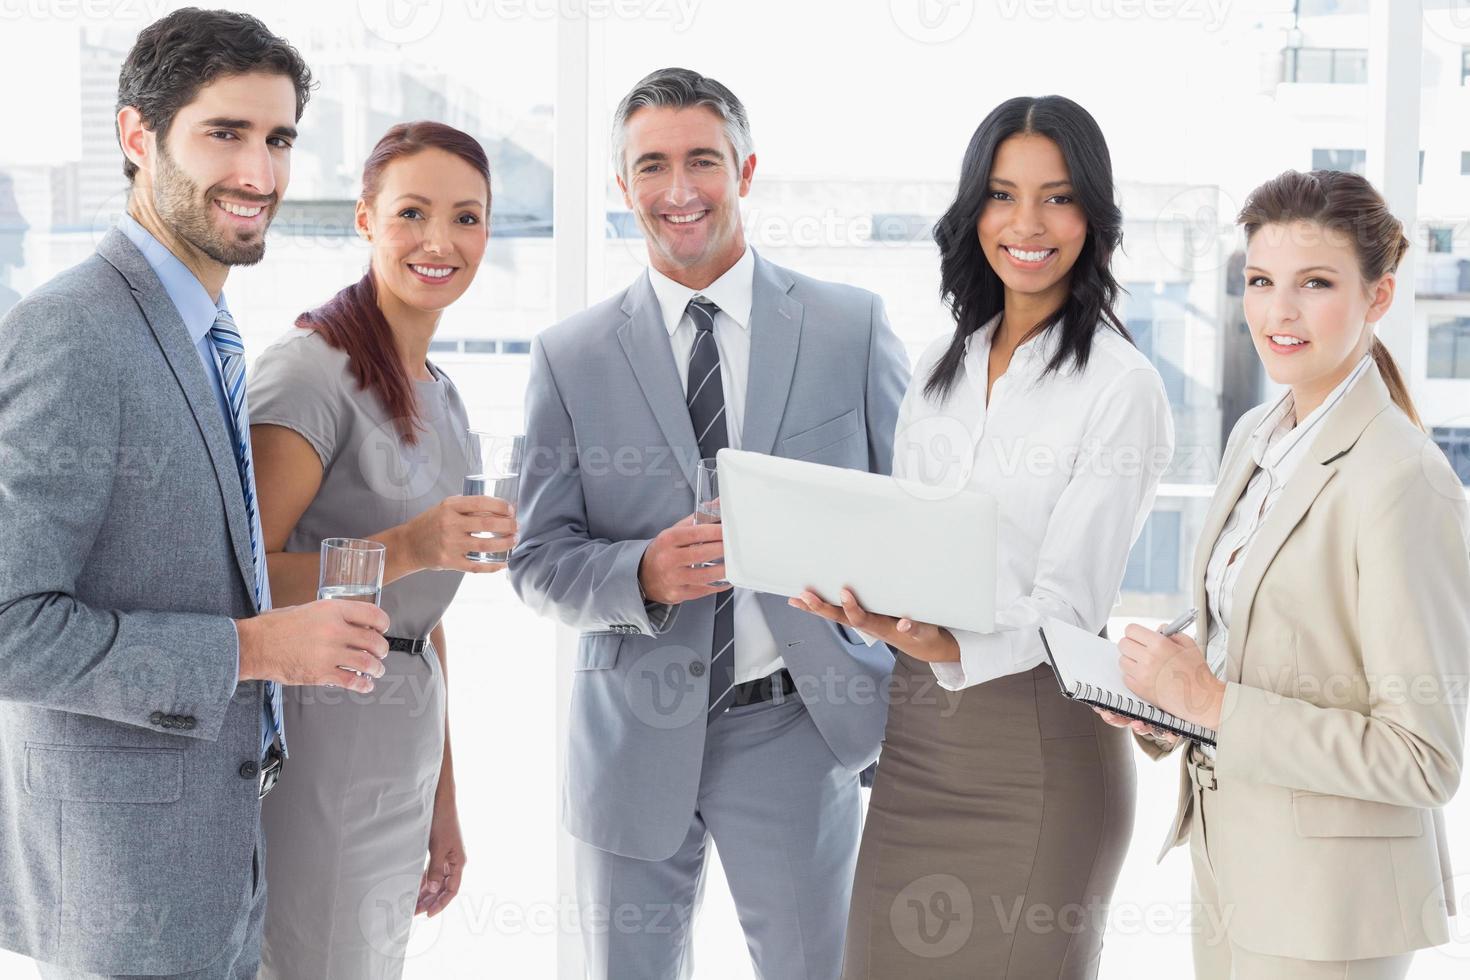 equipo de negocios tomando unas copas foto